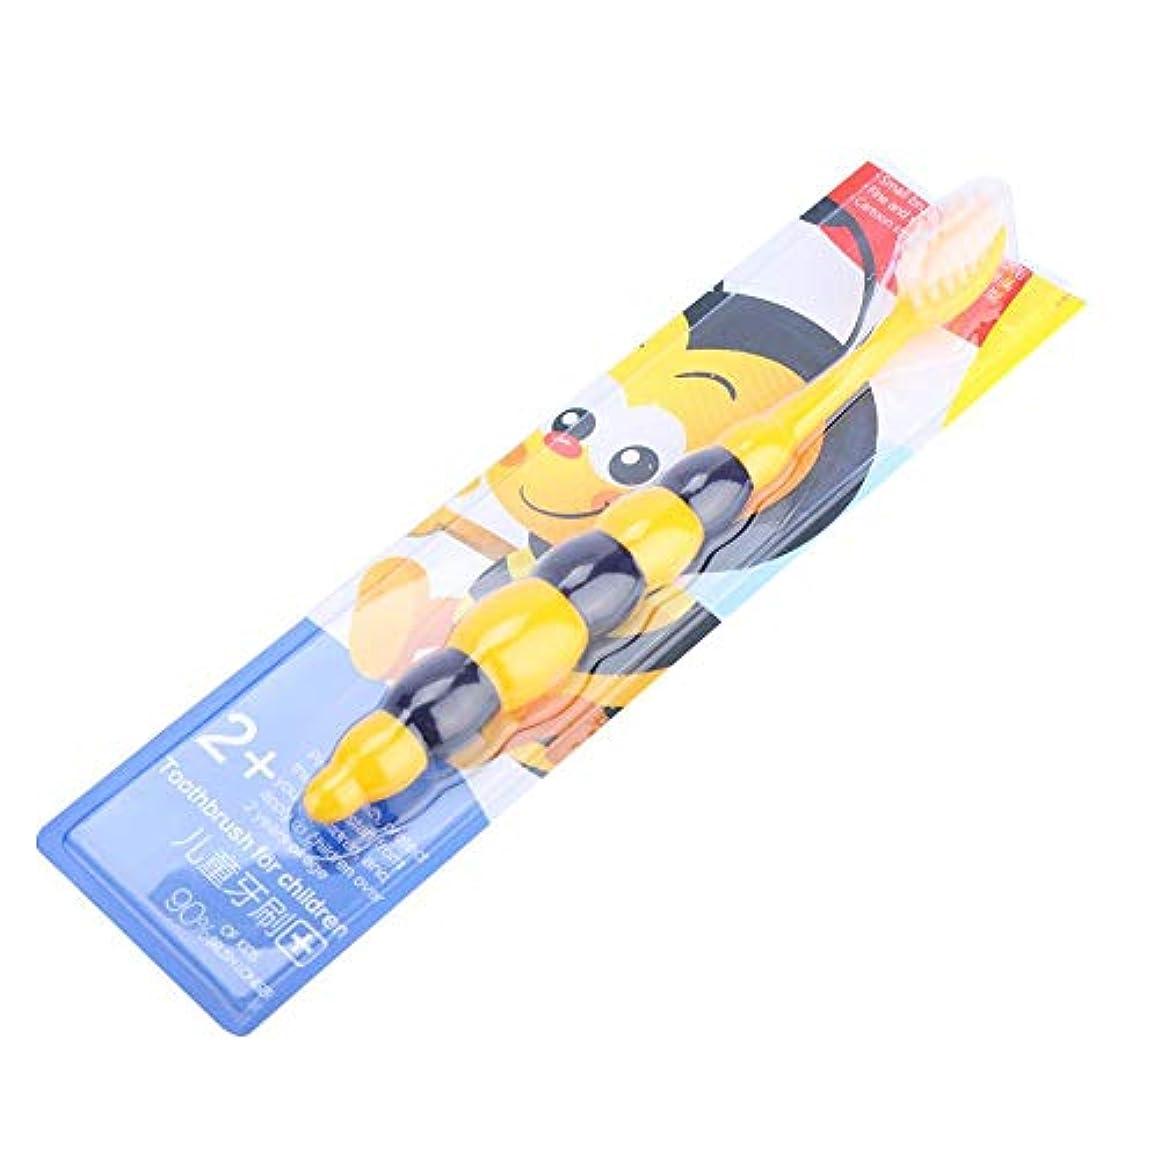 ウェーハ厚いバンケット子供の柔らかい髪の歯ブラシの子供かわいいクリーニングの歯ブラシオーラルケアツール(黄色い蜂)